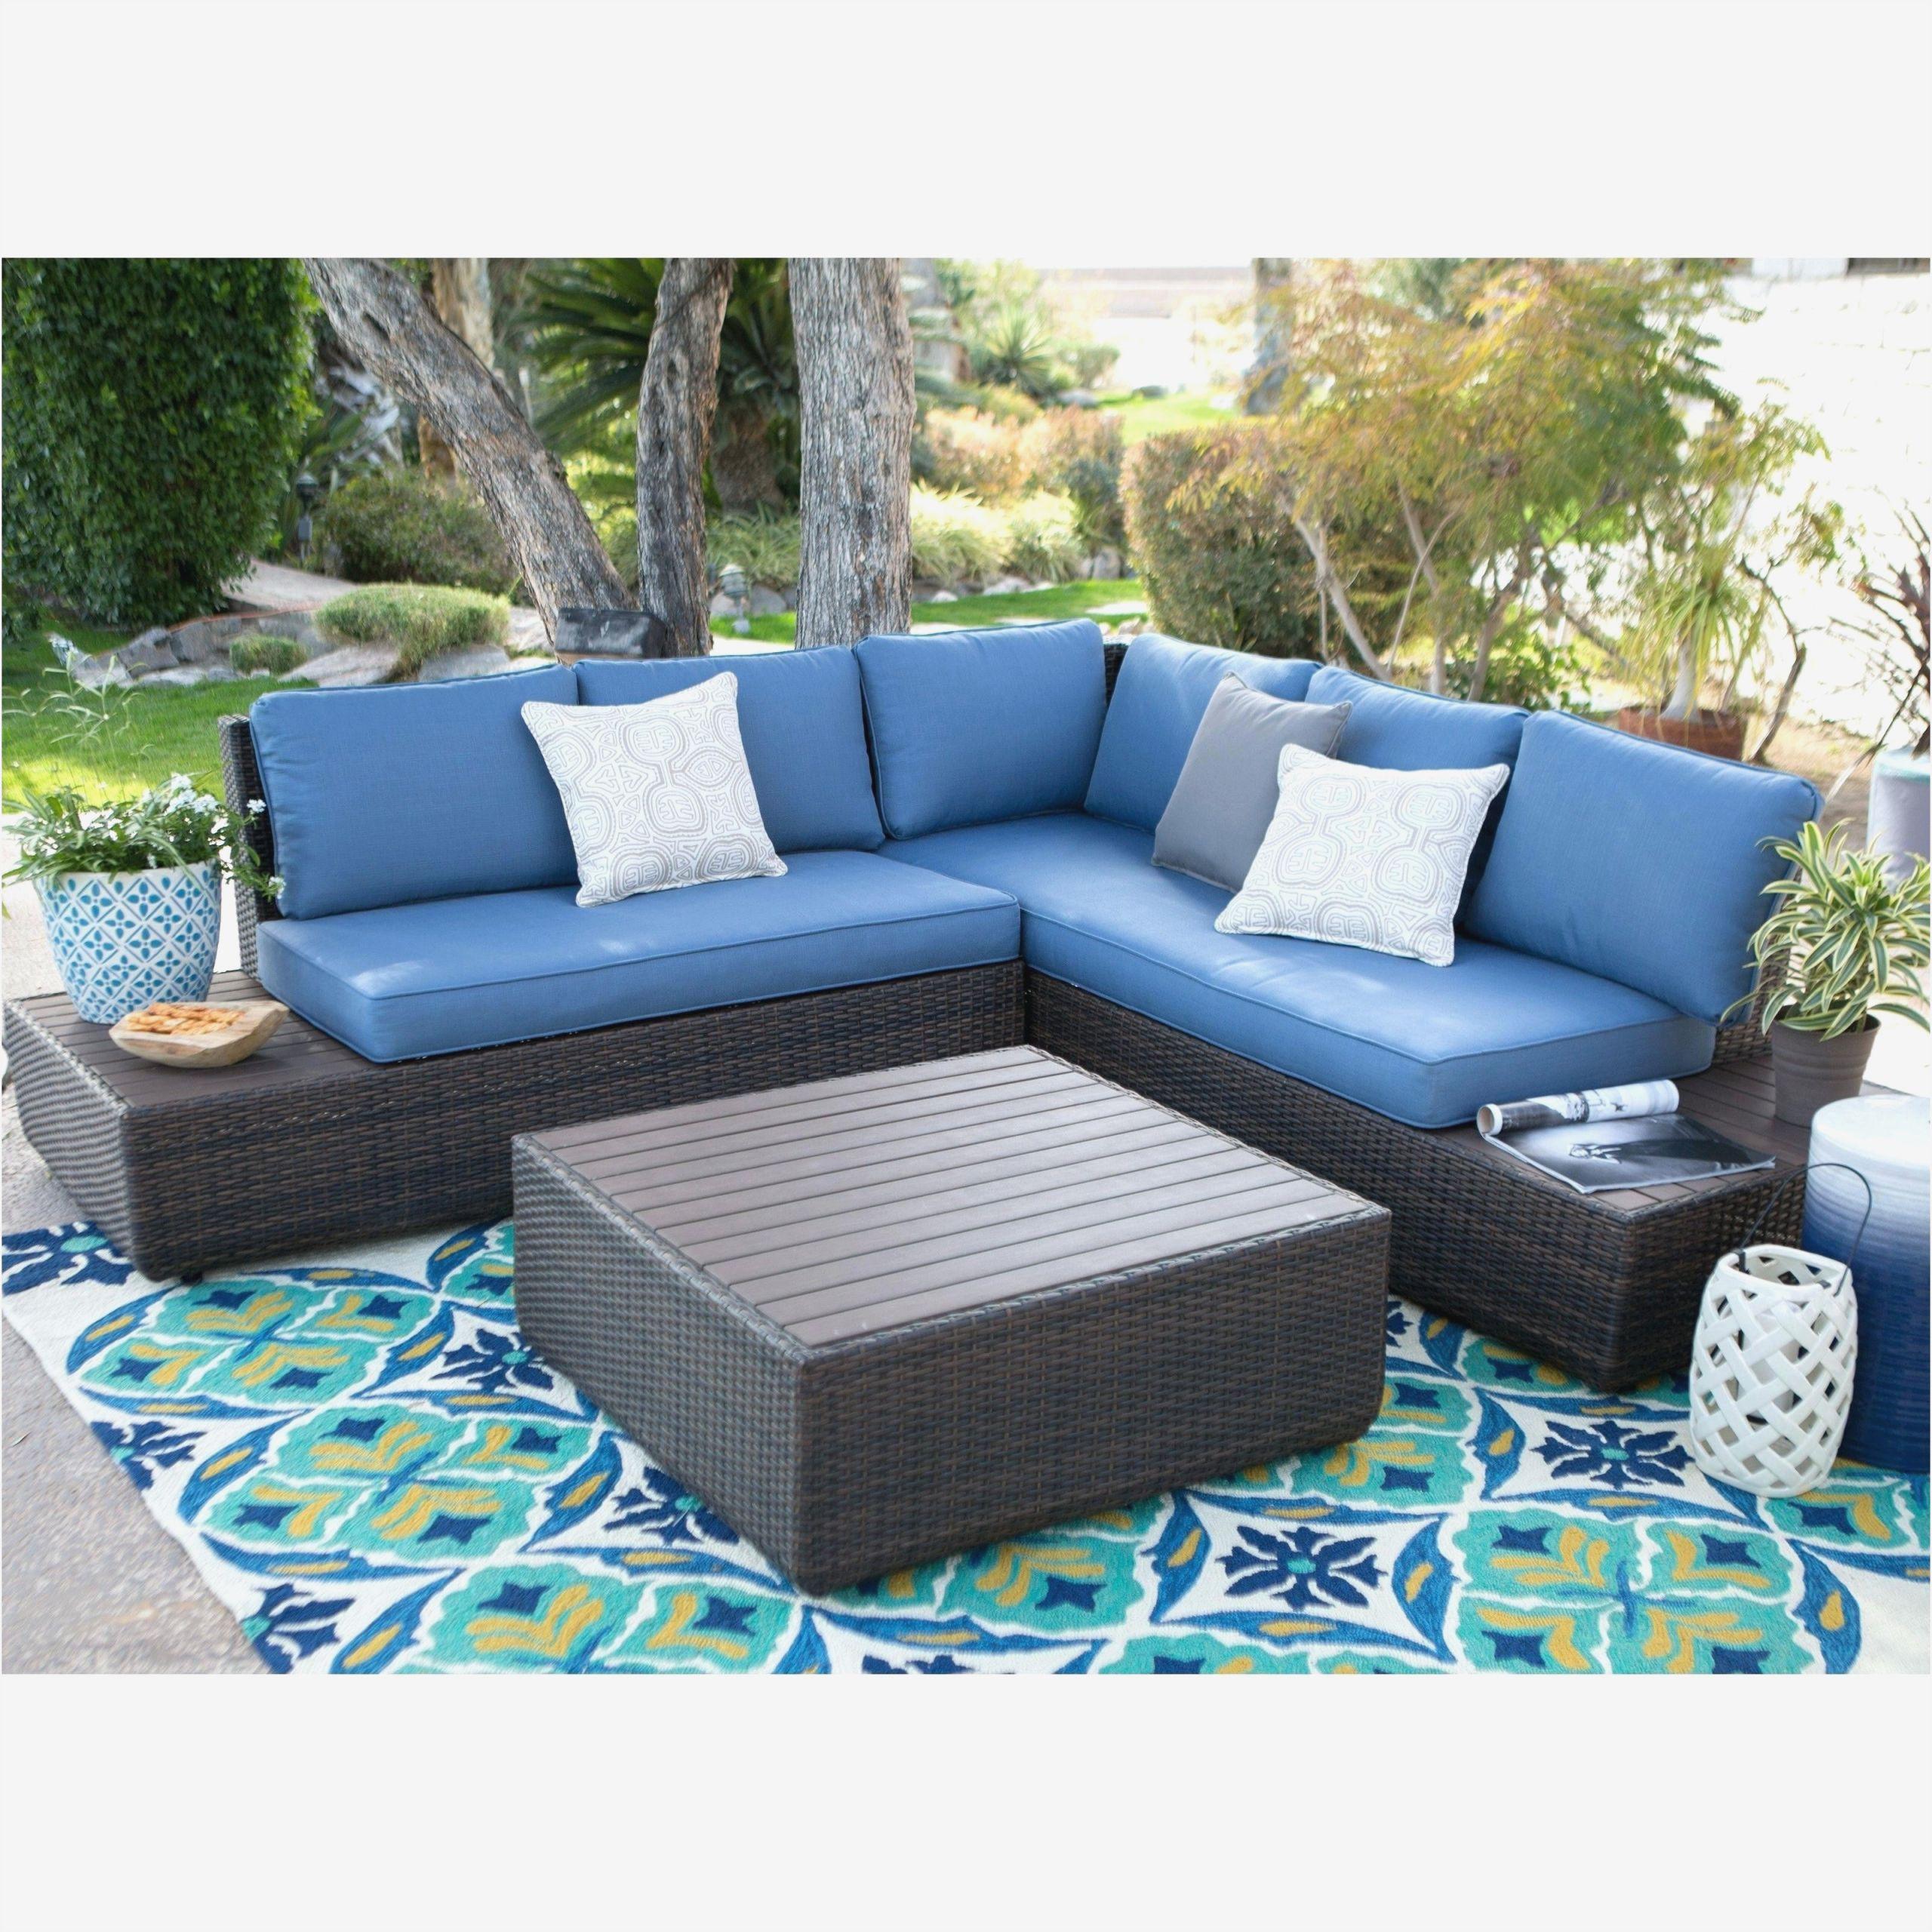 Full Size of Big Sofa L Form Roller Arizona Grau Rot Couch Toronto Landhaus überwurf 2er Xxl U Großes Mit Schlaffunktion Garten Ecksofa Federkern Jugendzimmer Wohnzimmer Big Sofa Roller